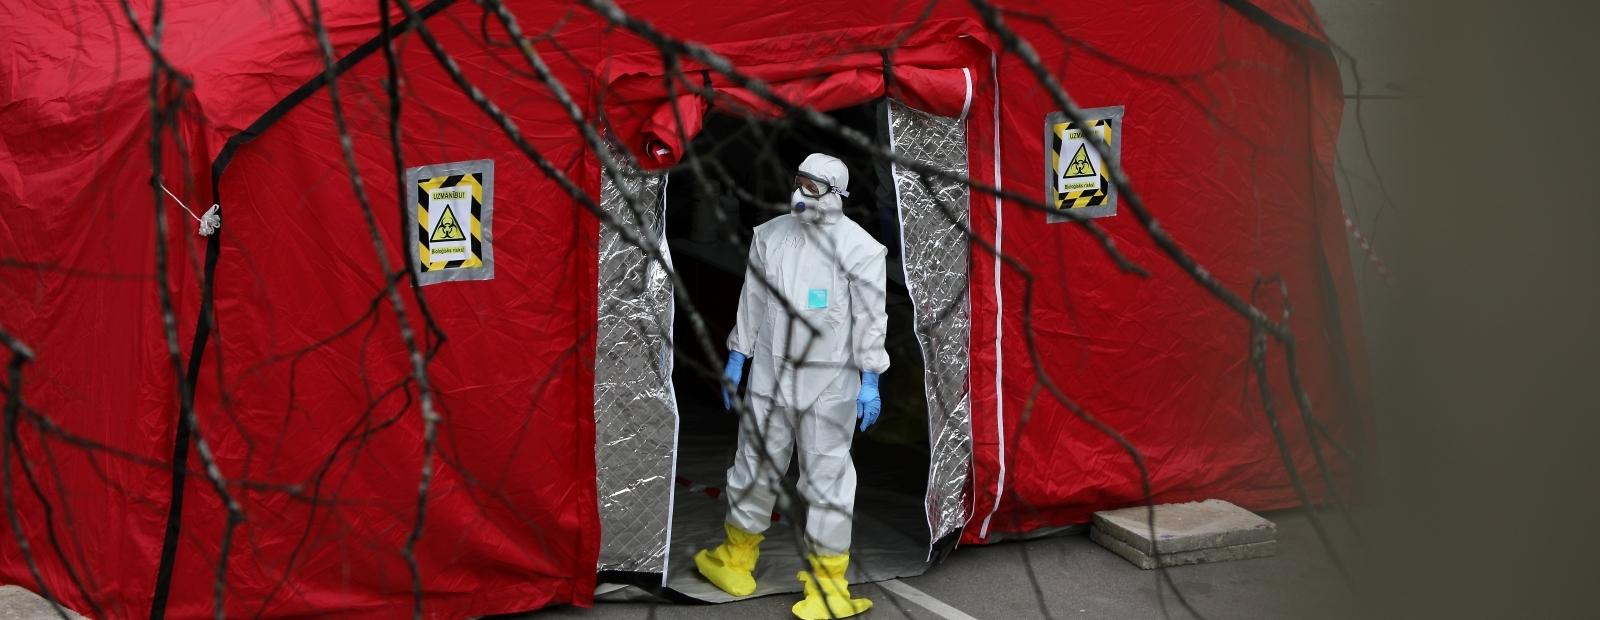 Latvijā ar jauno koronavīrusu inficējušos skaits pieaudzis līdz 458